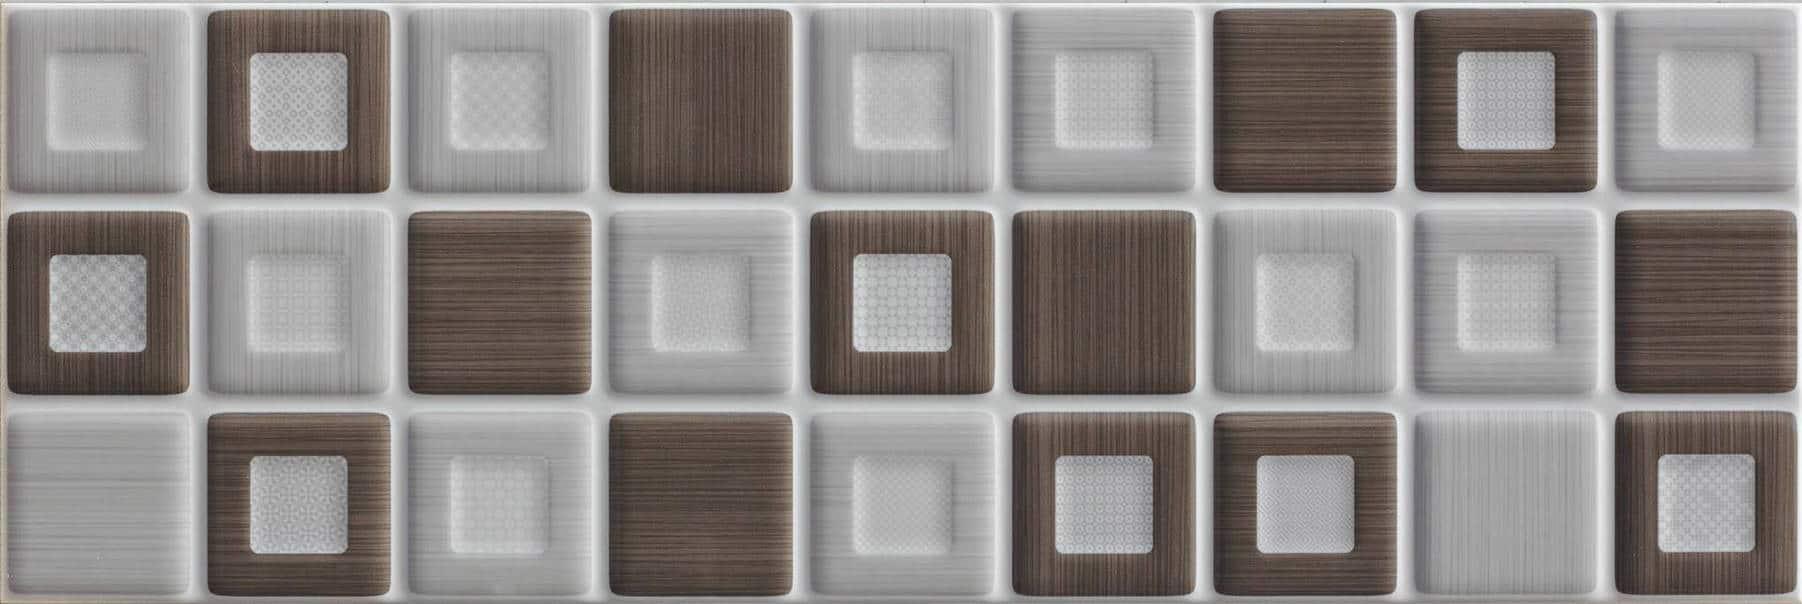 Faianță pentru baie Saloni Prisma Mosaico Gris 200x600 lucioasă mixate / 9